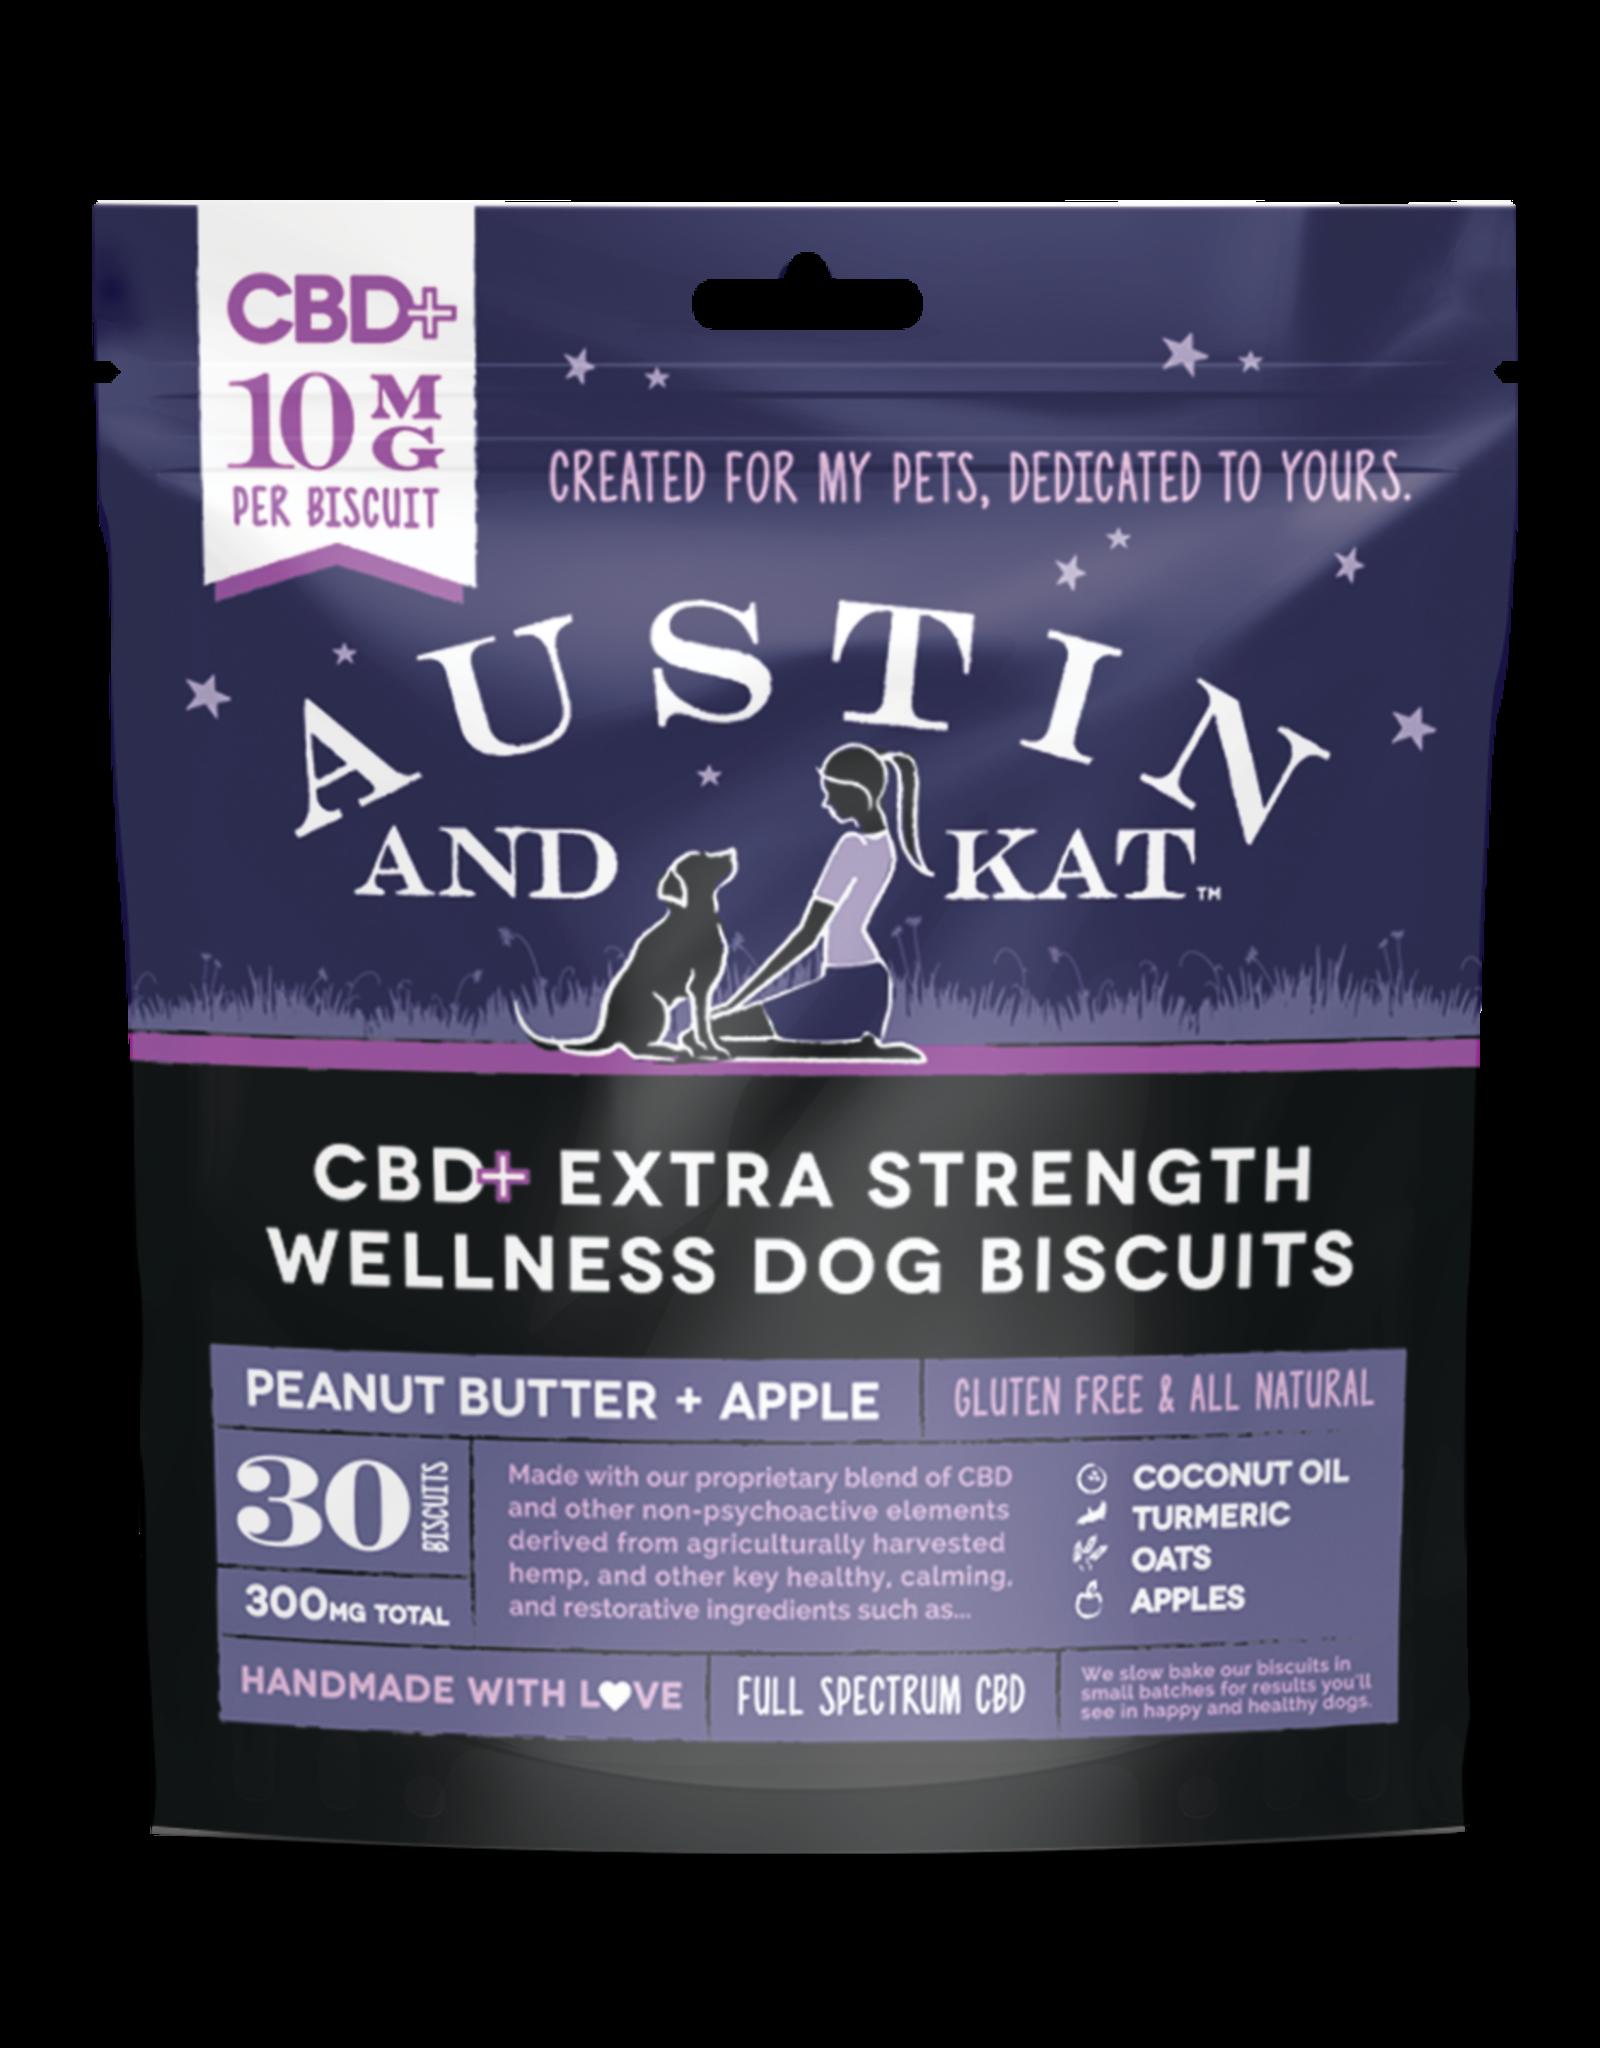 Austin and Kat Austin and Kat 10MG CBD Biscuit 6.6oz